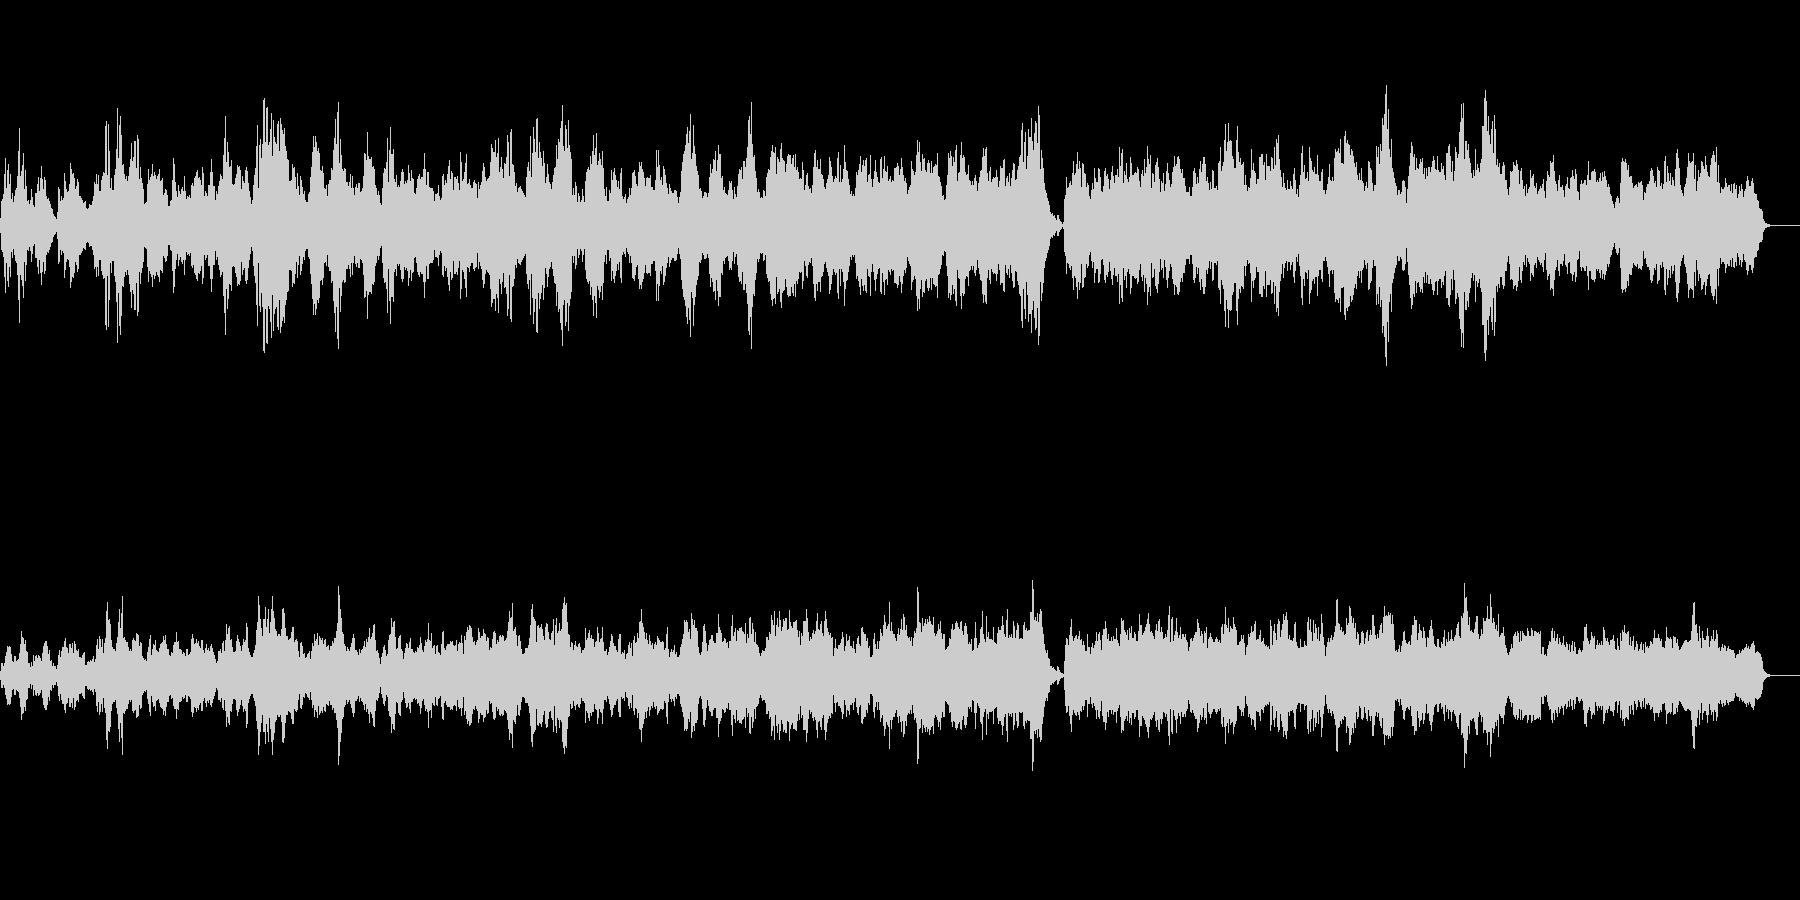 シンセとピアノのアンビエントバラードの未再生の波形